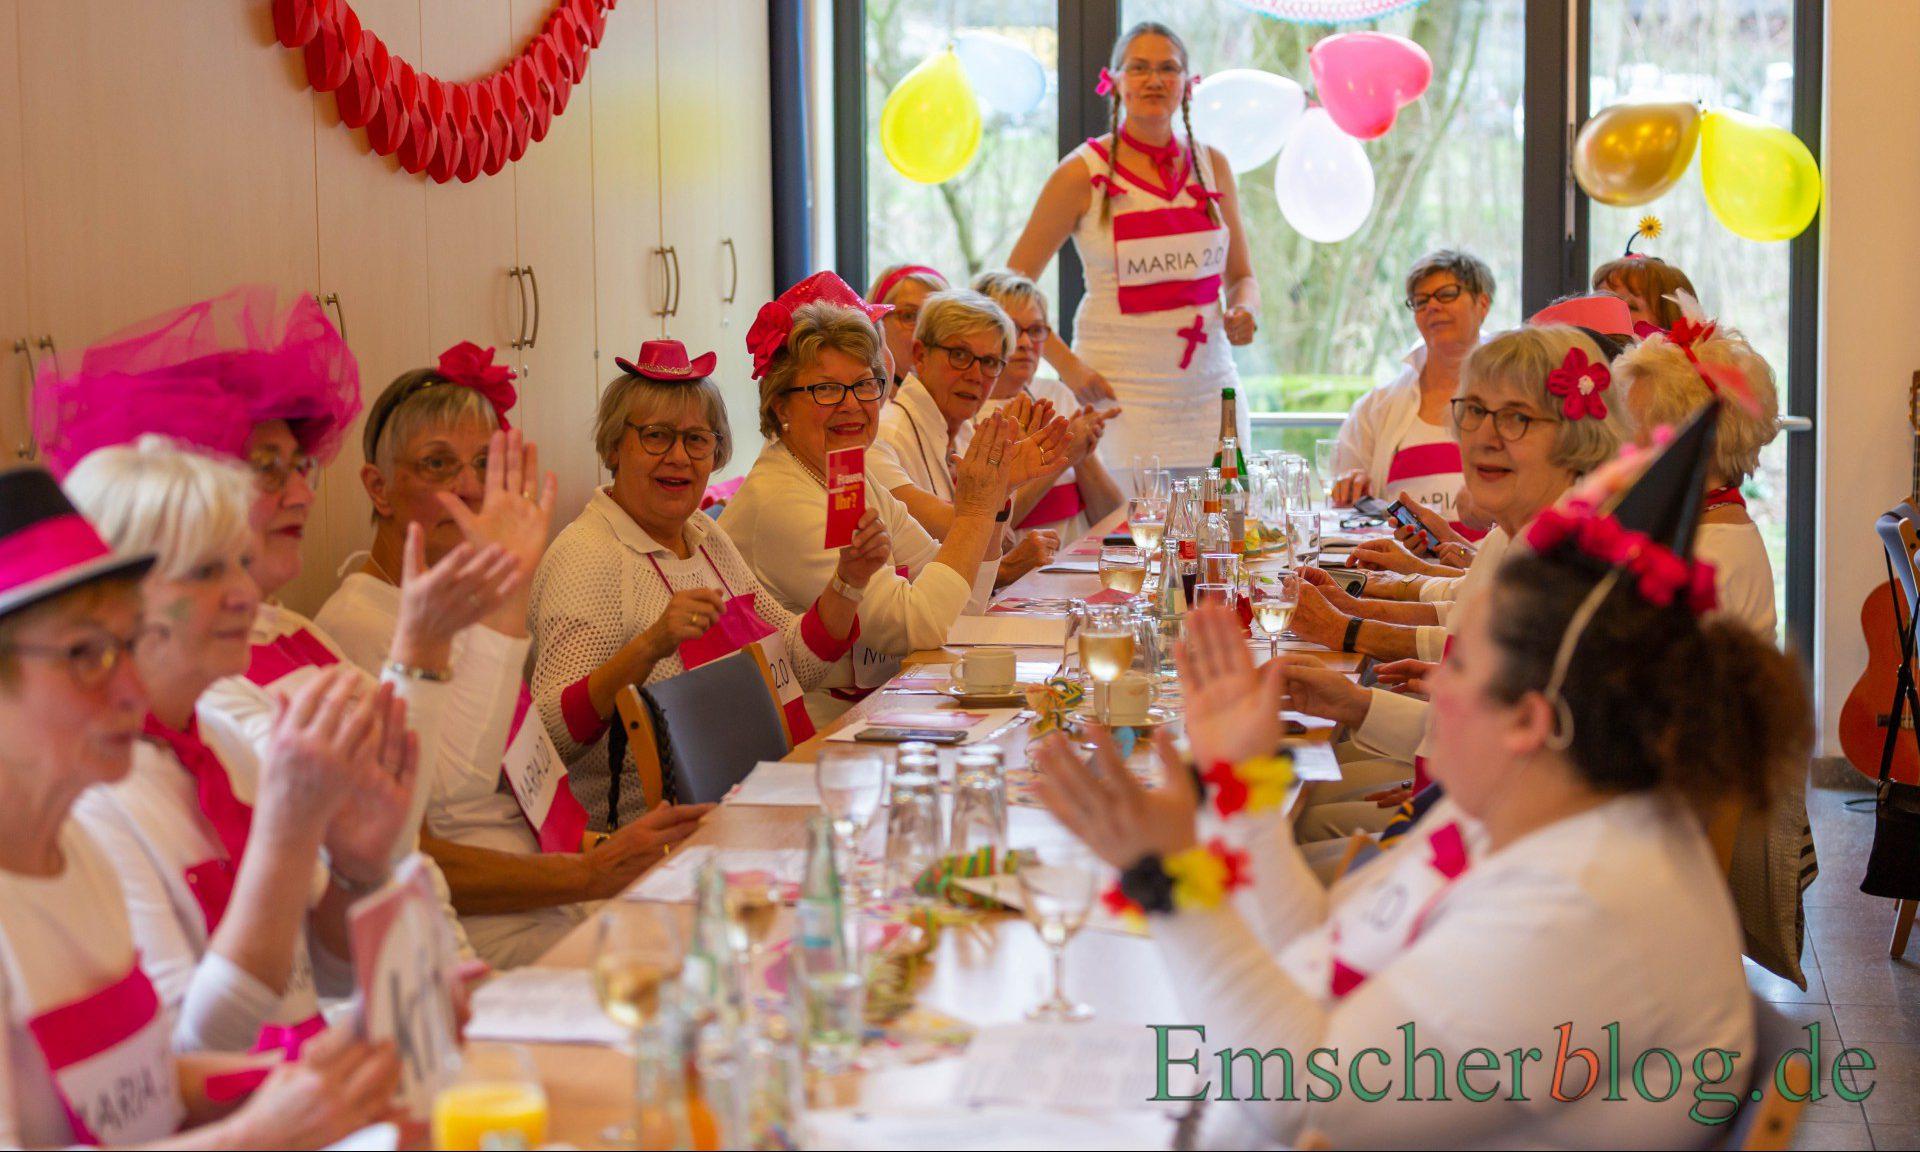 """ie KFD-Frauen mischten ganz in Weiß mit einem Logo """"Maria 2.0"""" bei der Weiberfastnacht heute im Alois-Gemmeke-Haus mit. (Foto: P. Gräber - Emscherblog)"""